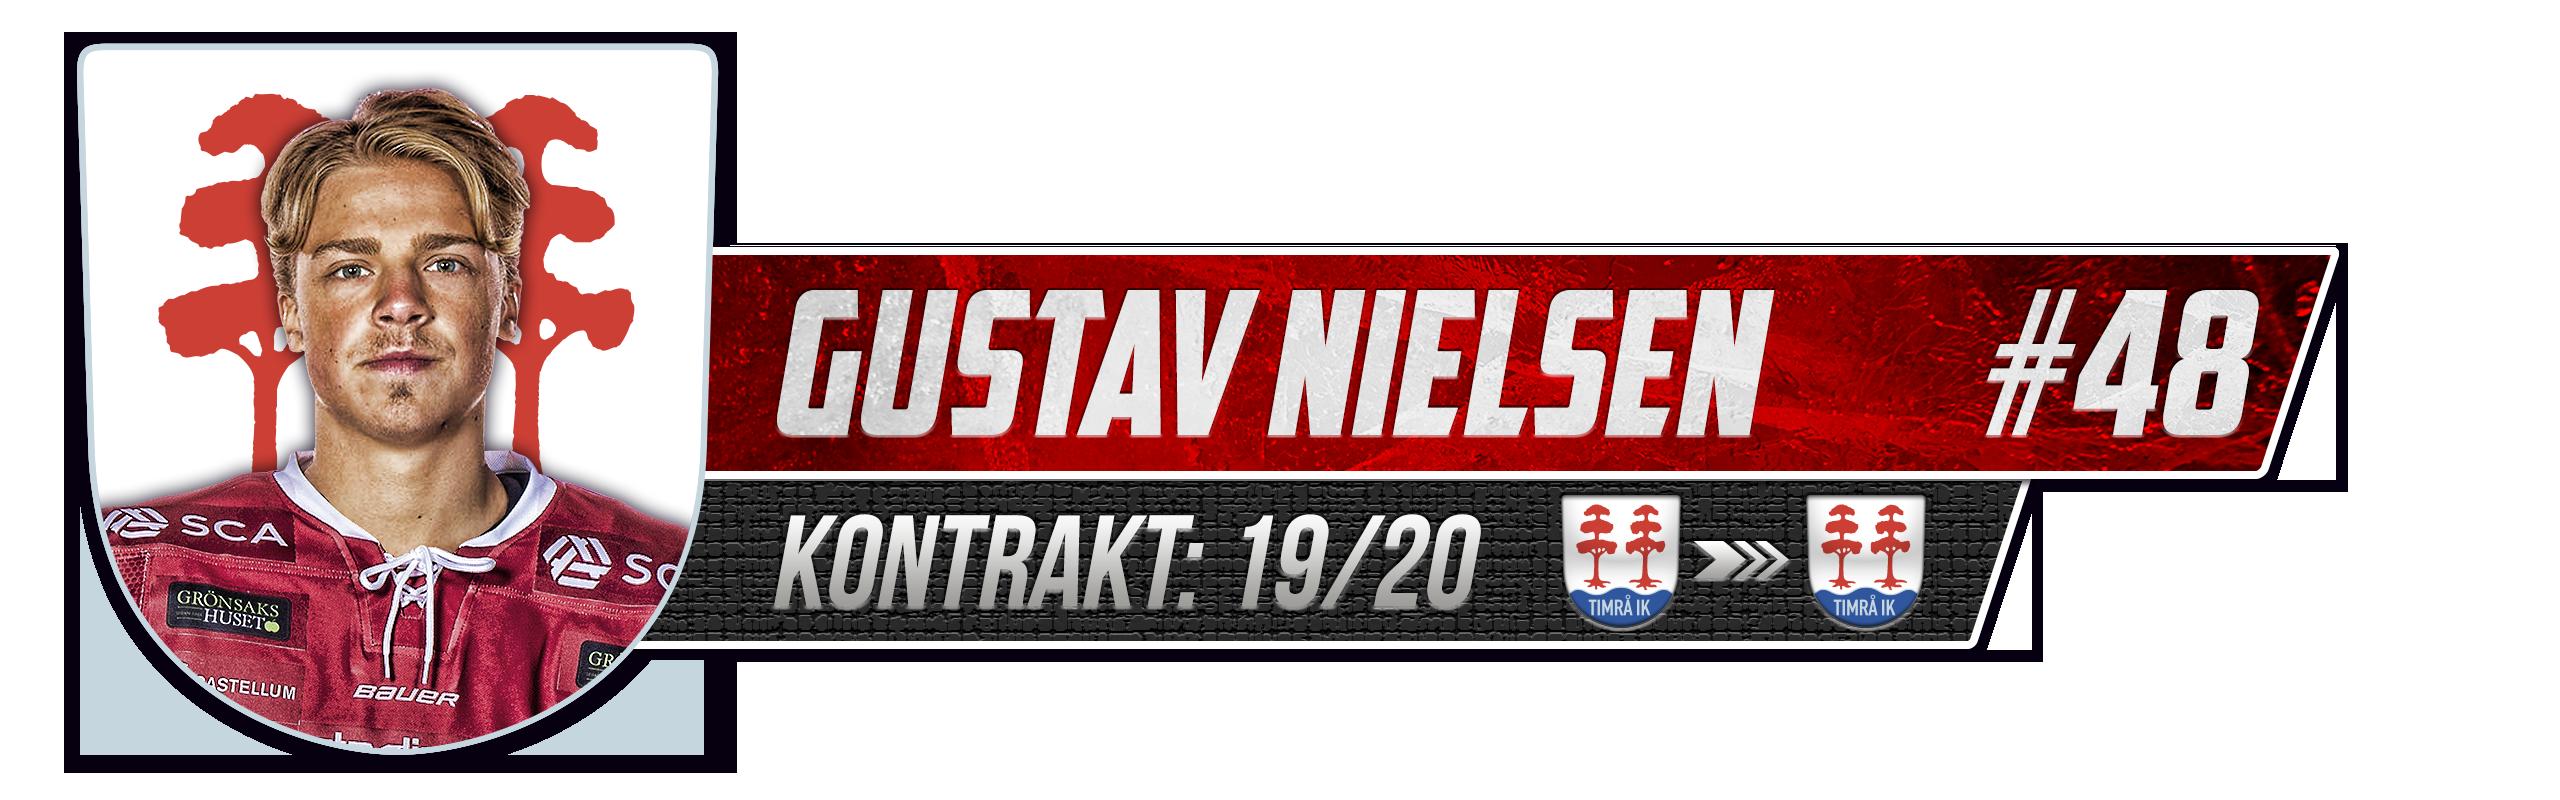 Gustav Nielsen